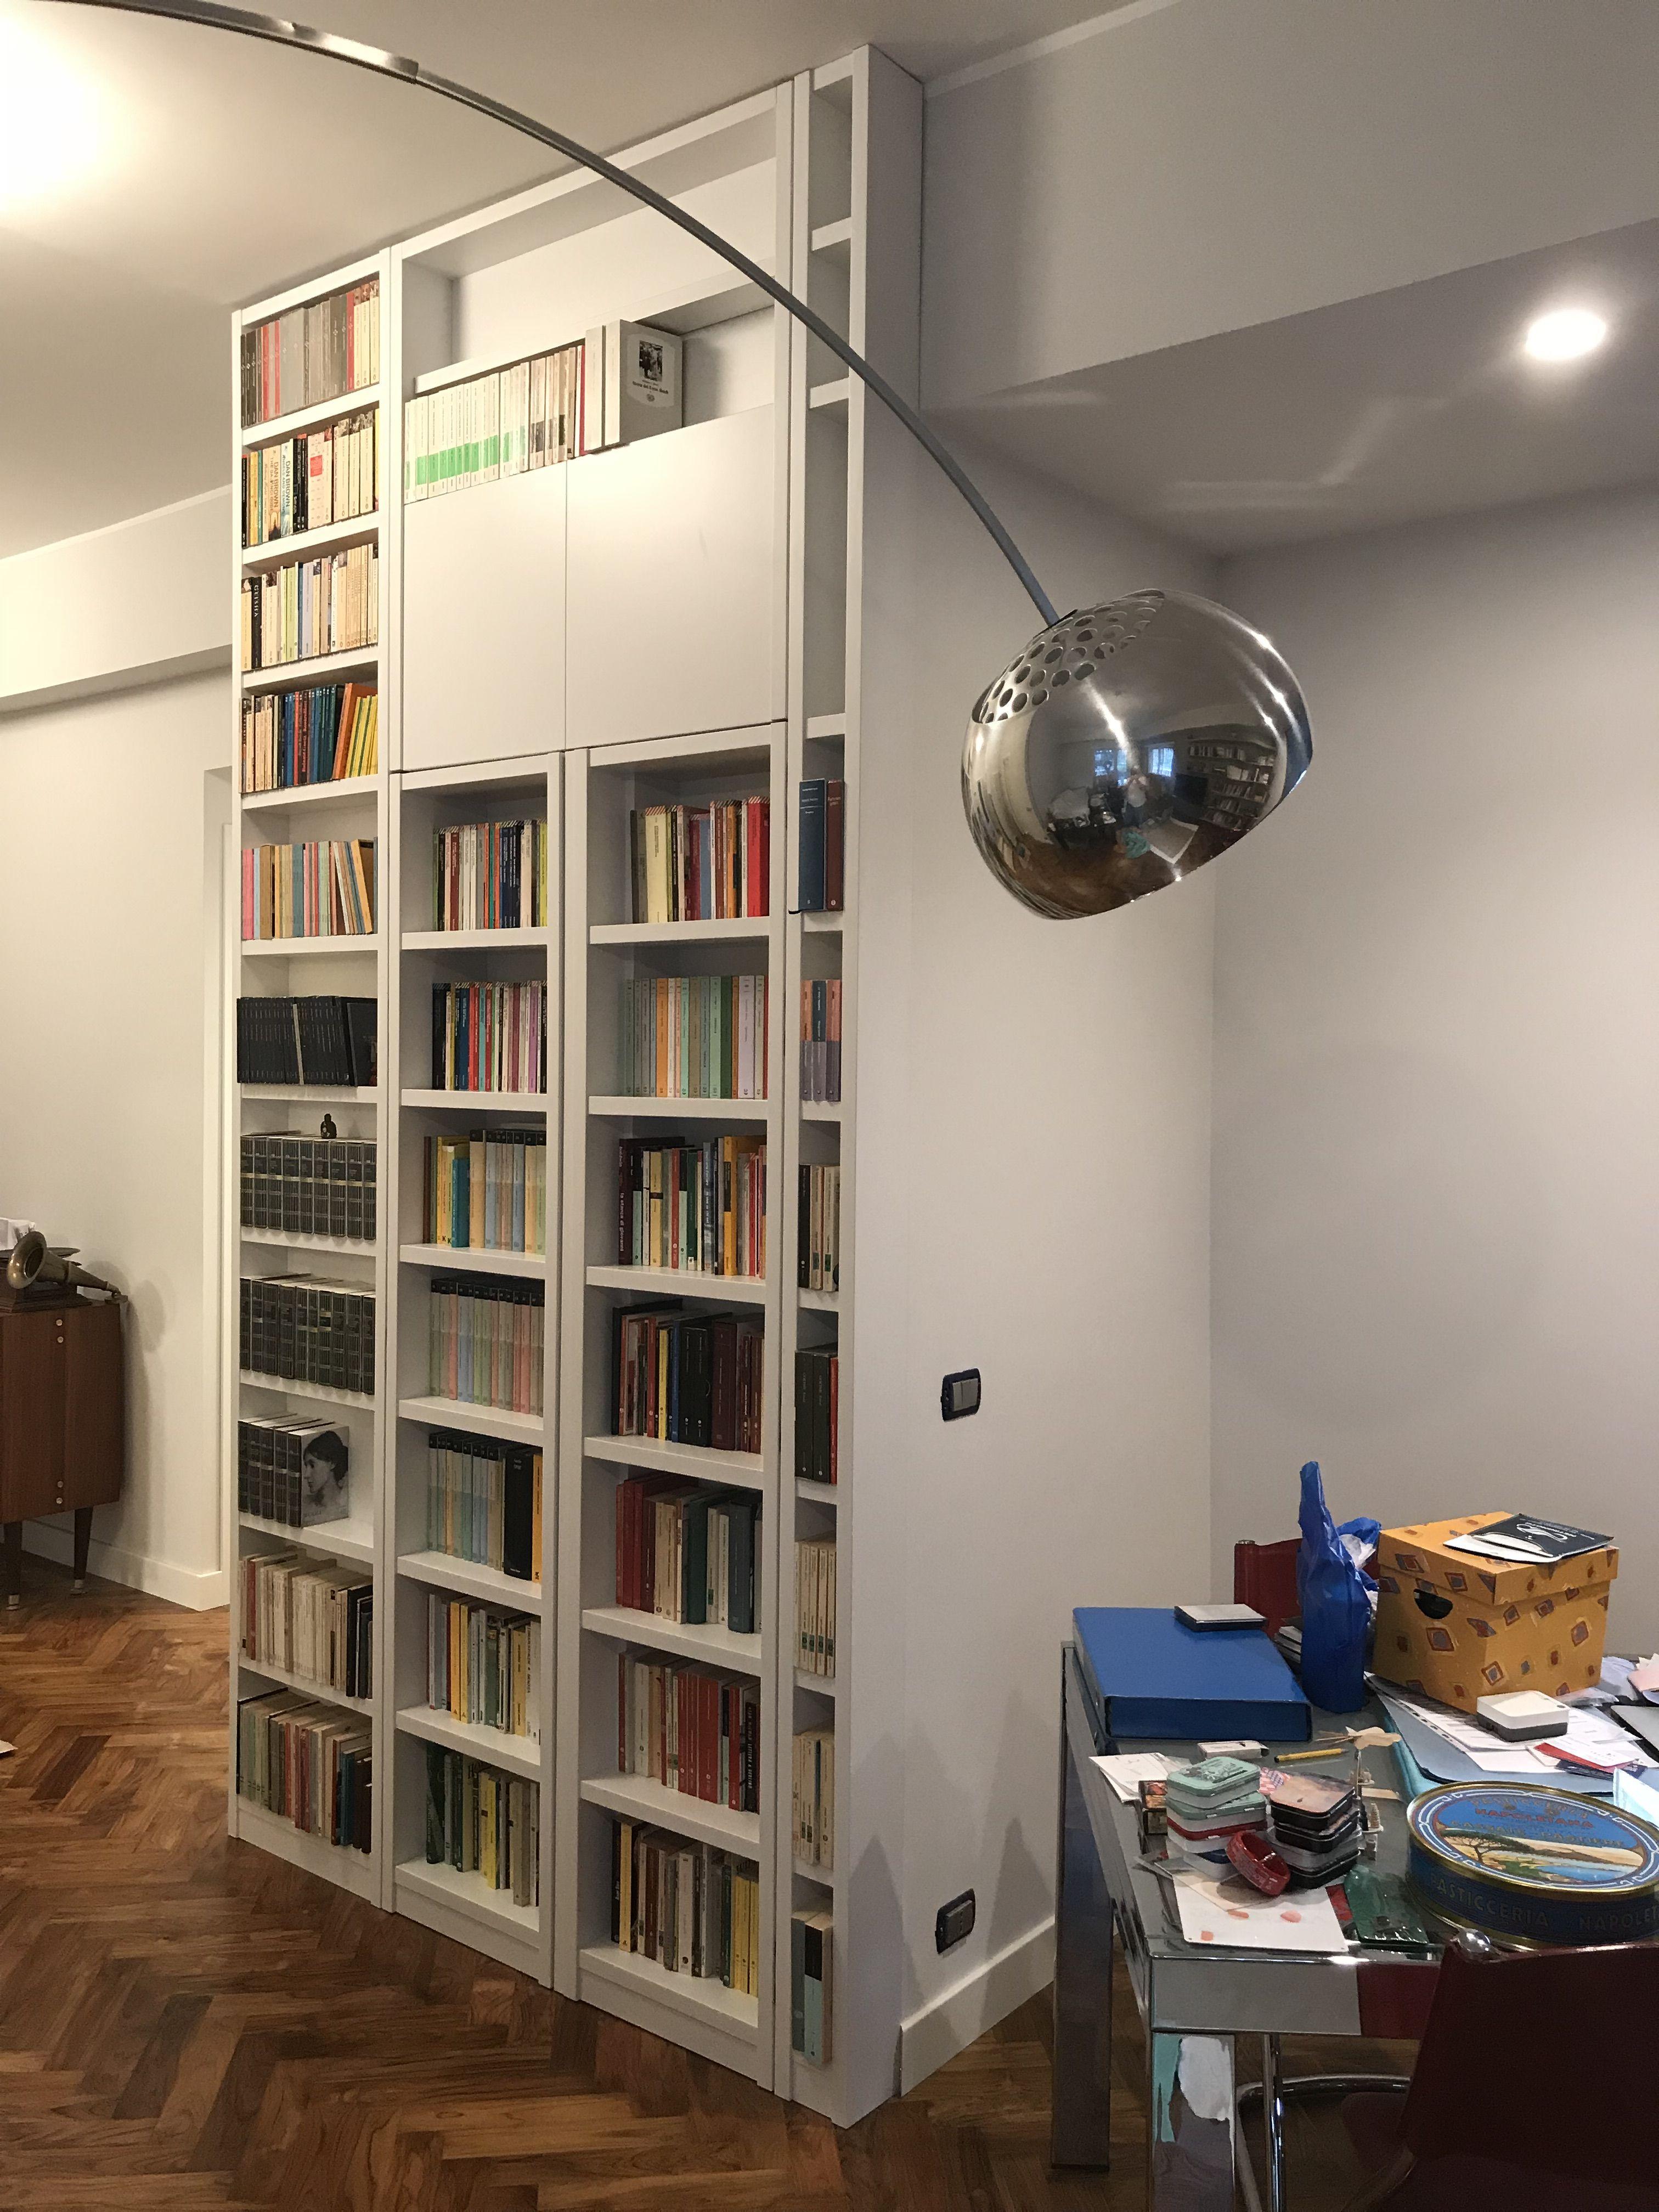 Libreria con cabina armadio dietro | Librerie, Cabina ...